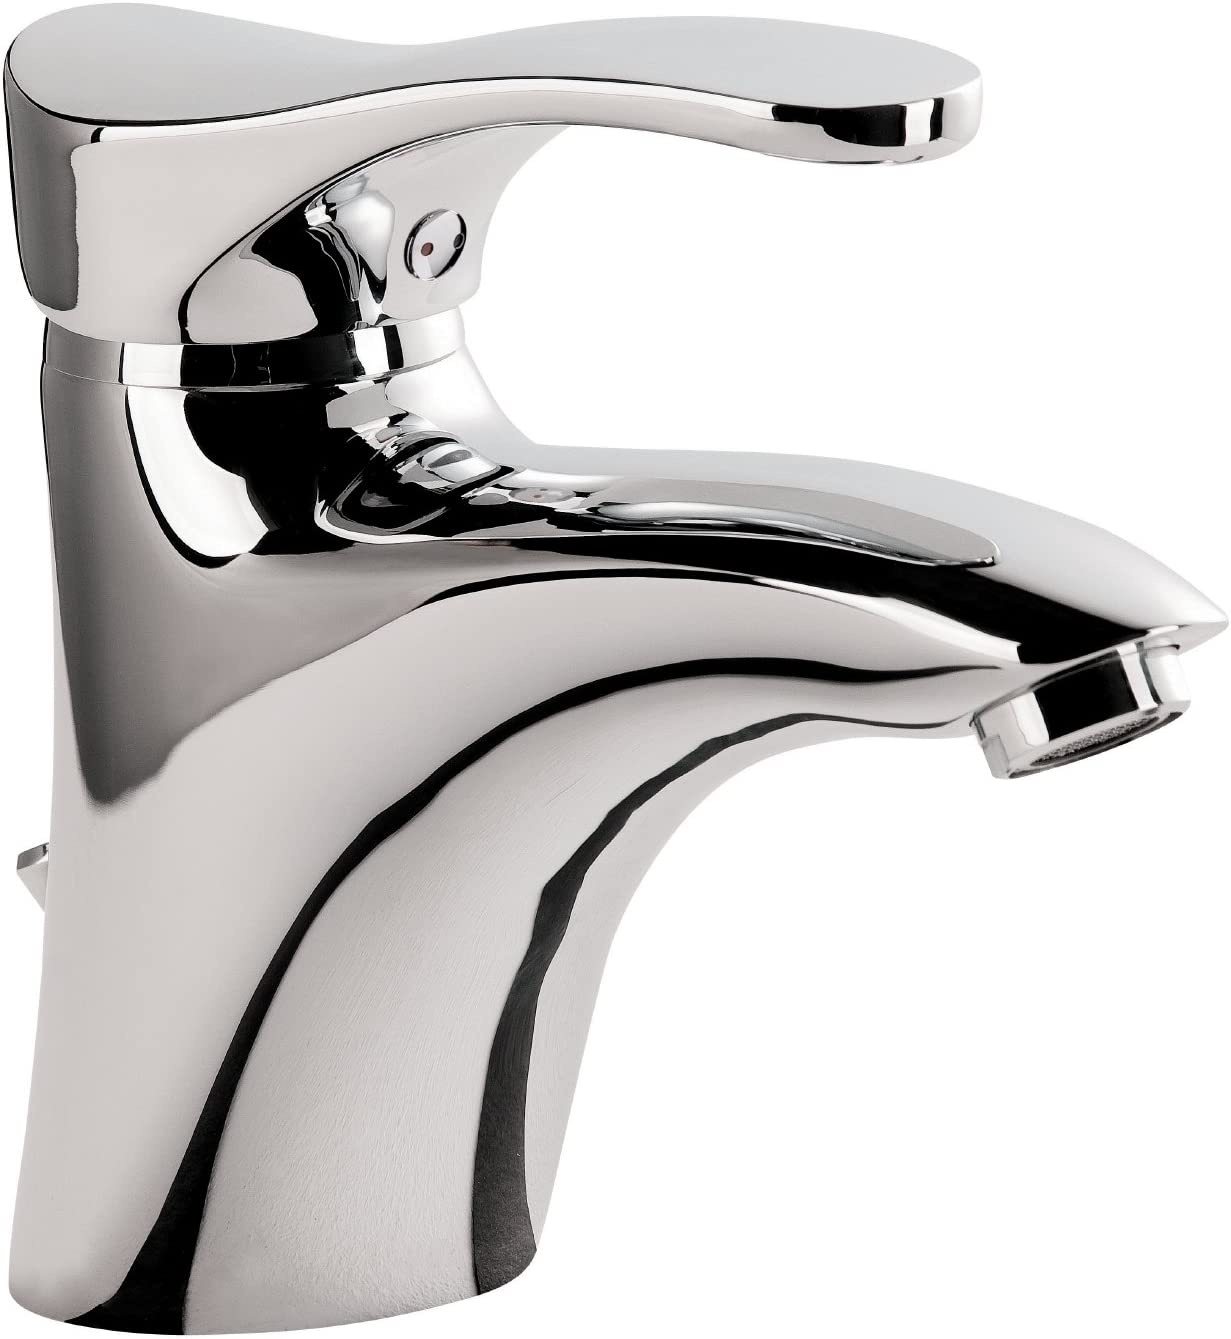 Chrom Einhebelmischer Wasserhahn aquaSu/® Einhandmischer Duna f/ür Waschtisch